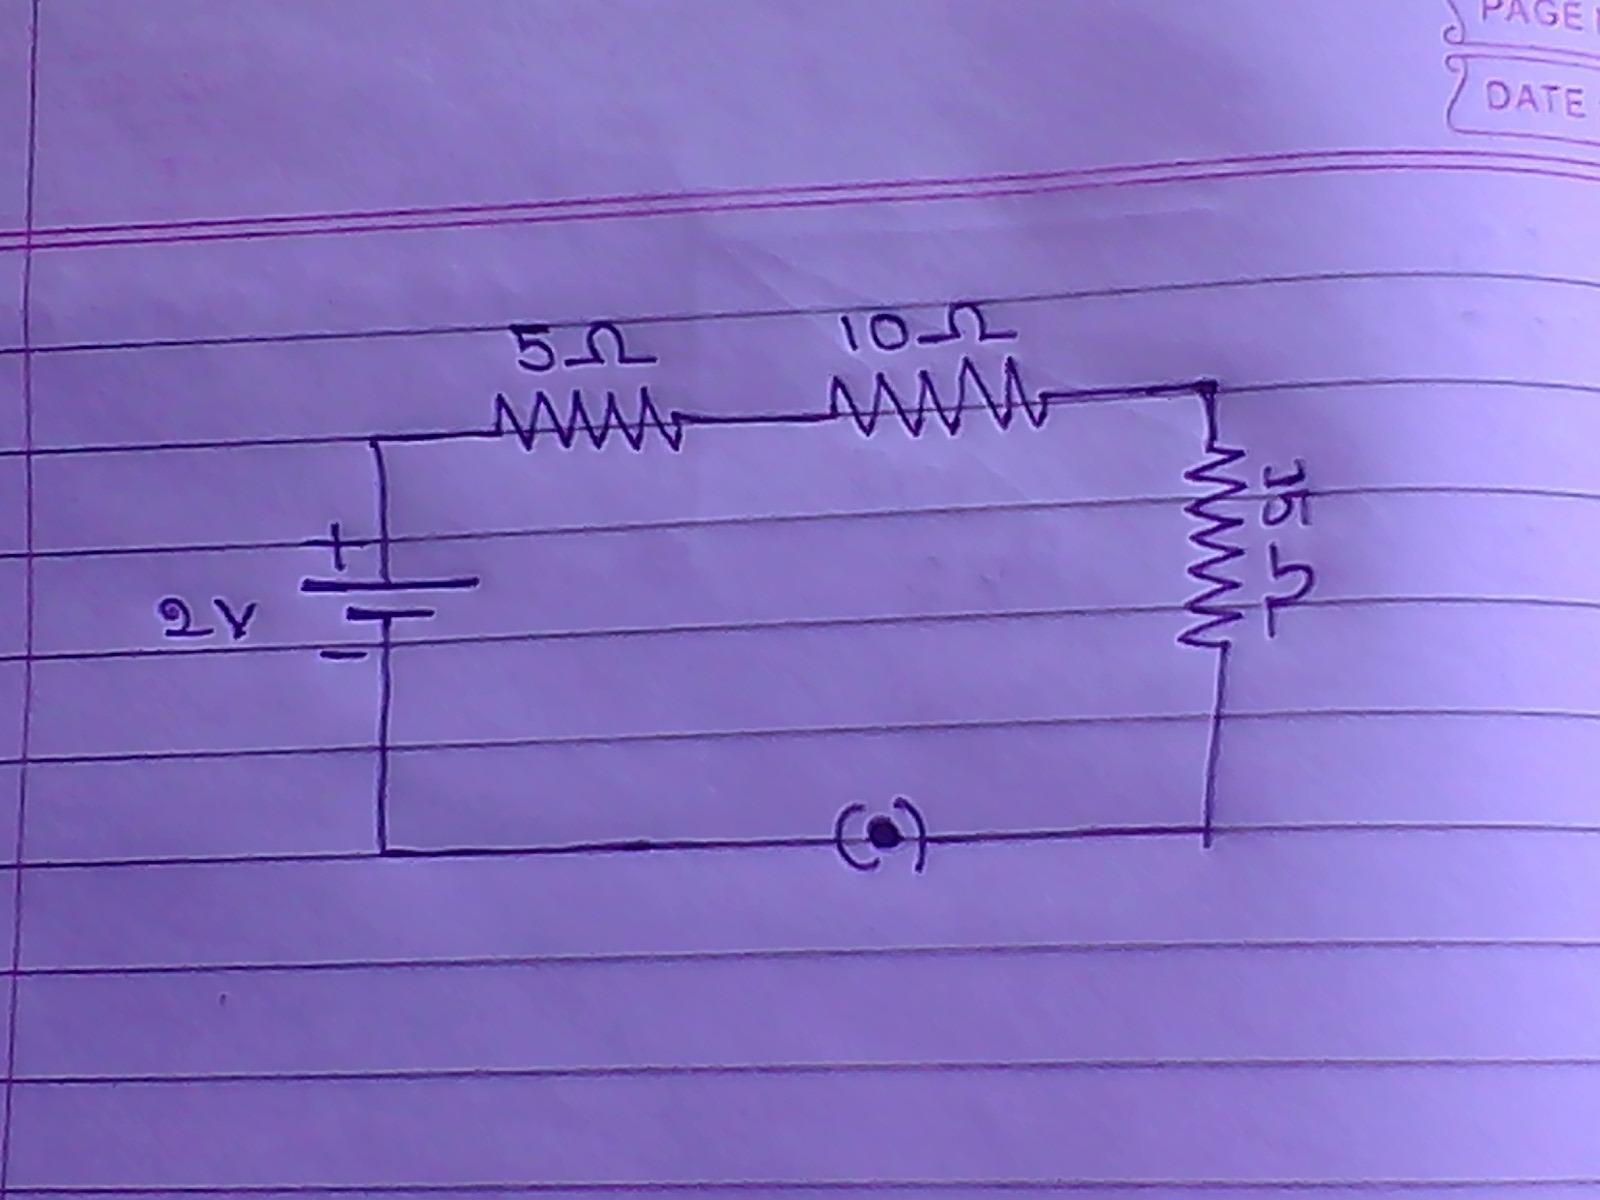 Fence Drawing Schematics Free Download Wiring Diagram Schematic